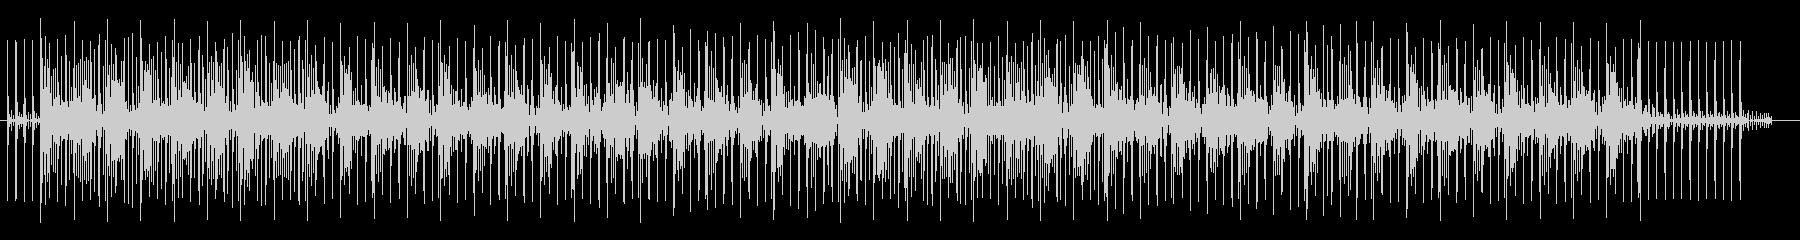 神秘的でミステリアスなシンセサウンドの未再生の波形